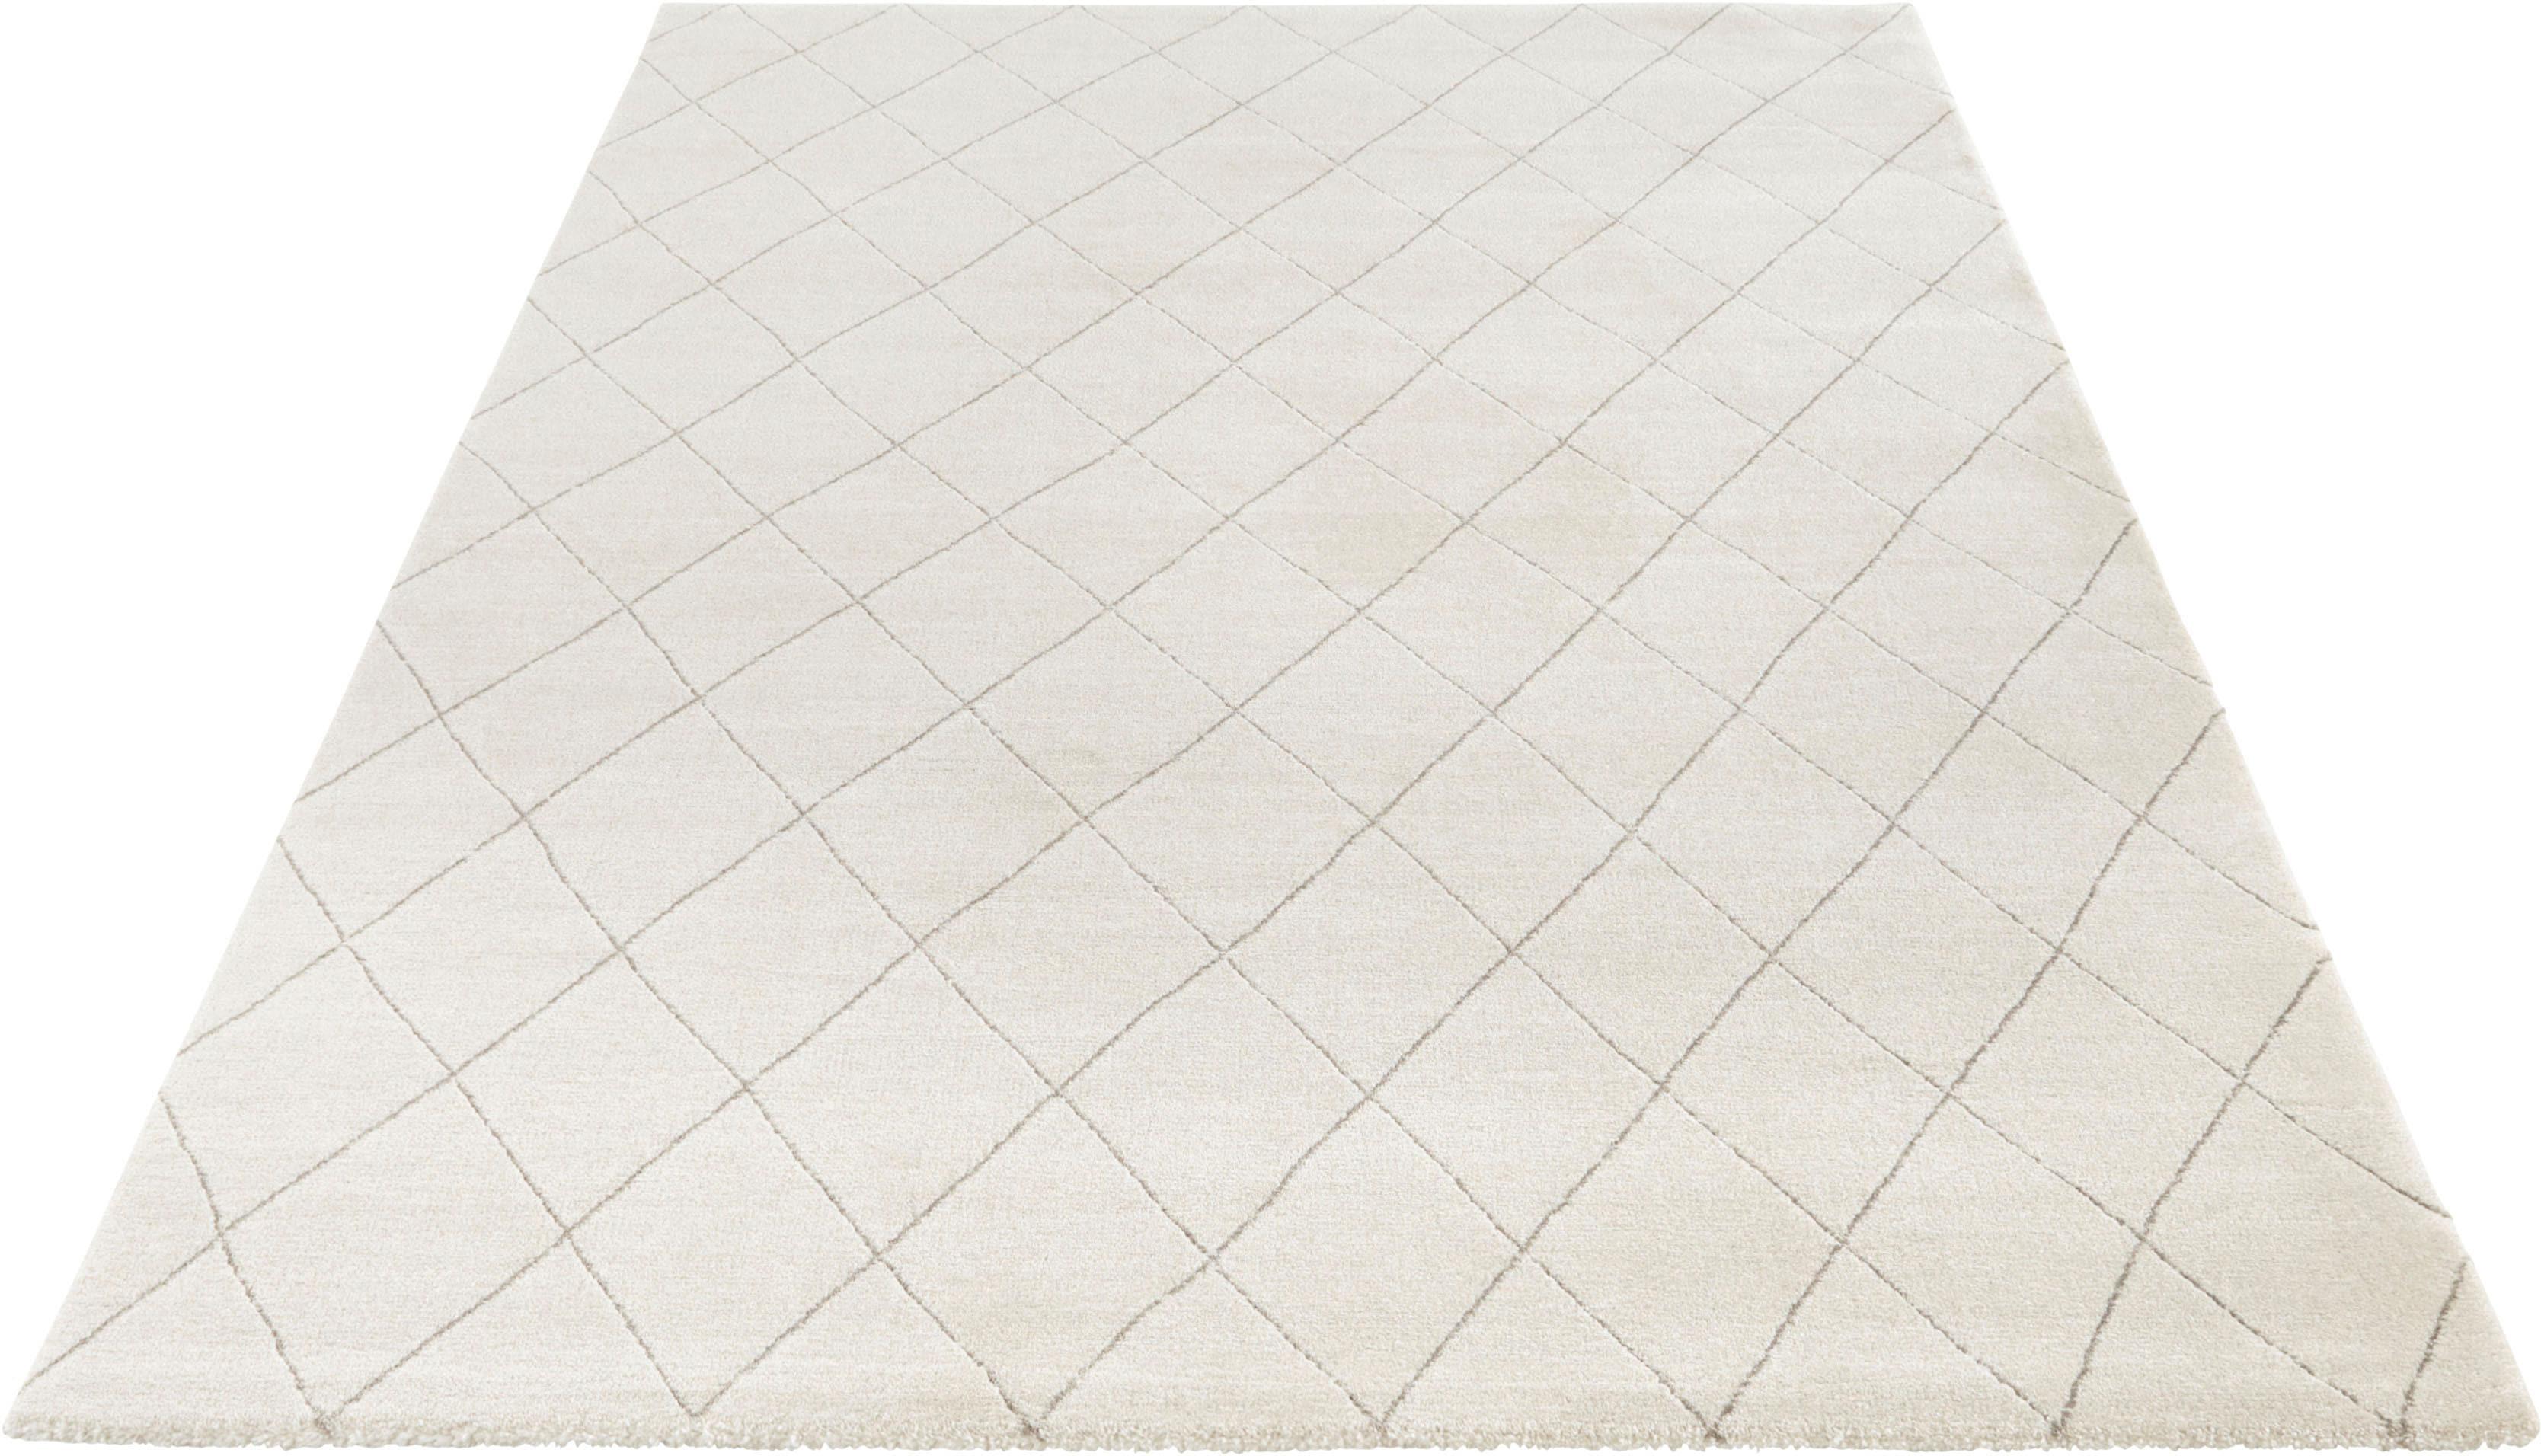 Teppich Sannois ELLE Decor rechteckig Höhe 12 mm maschinell gewebt